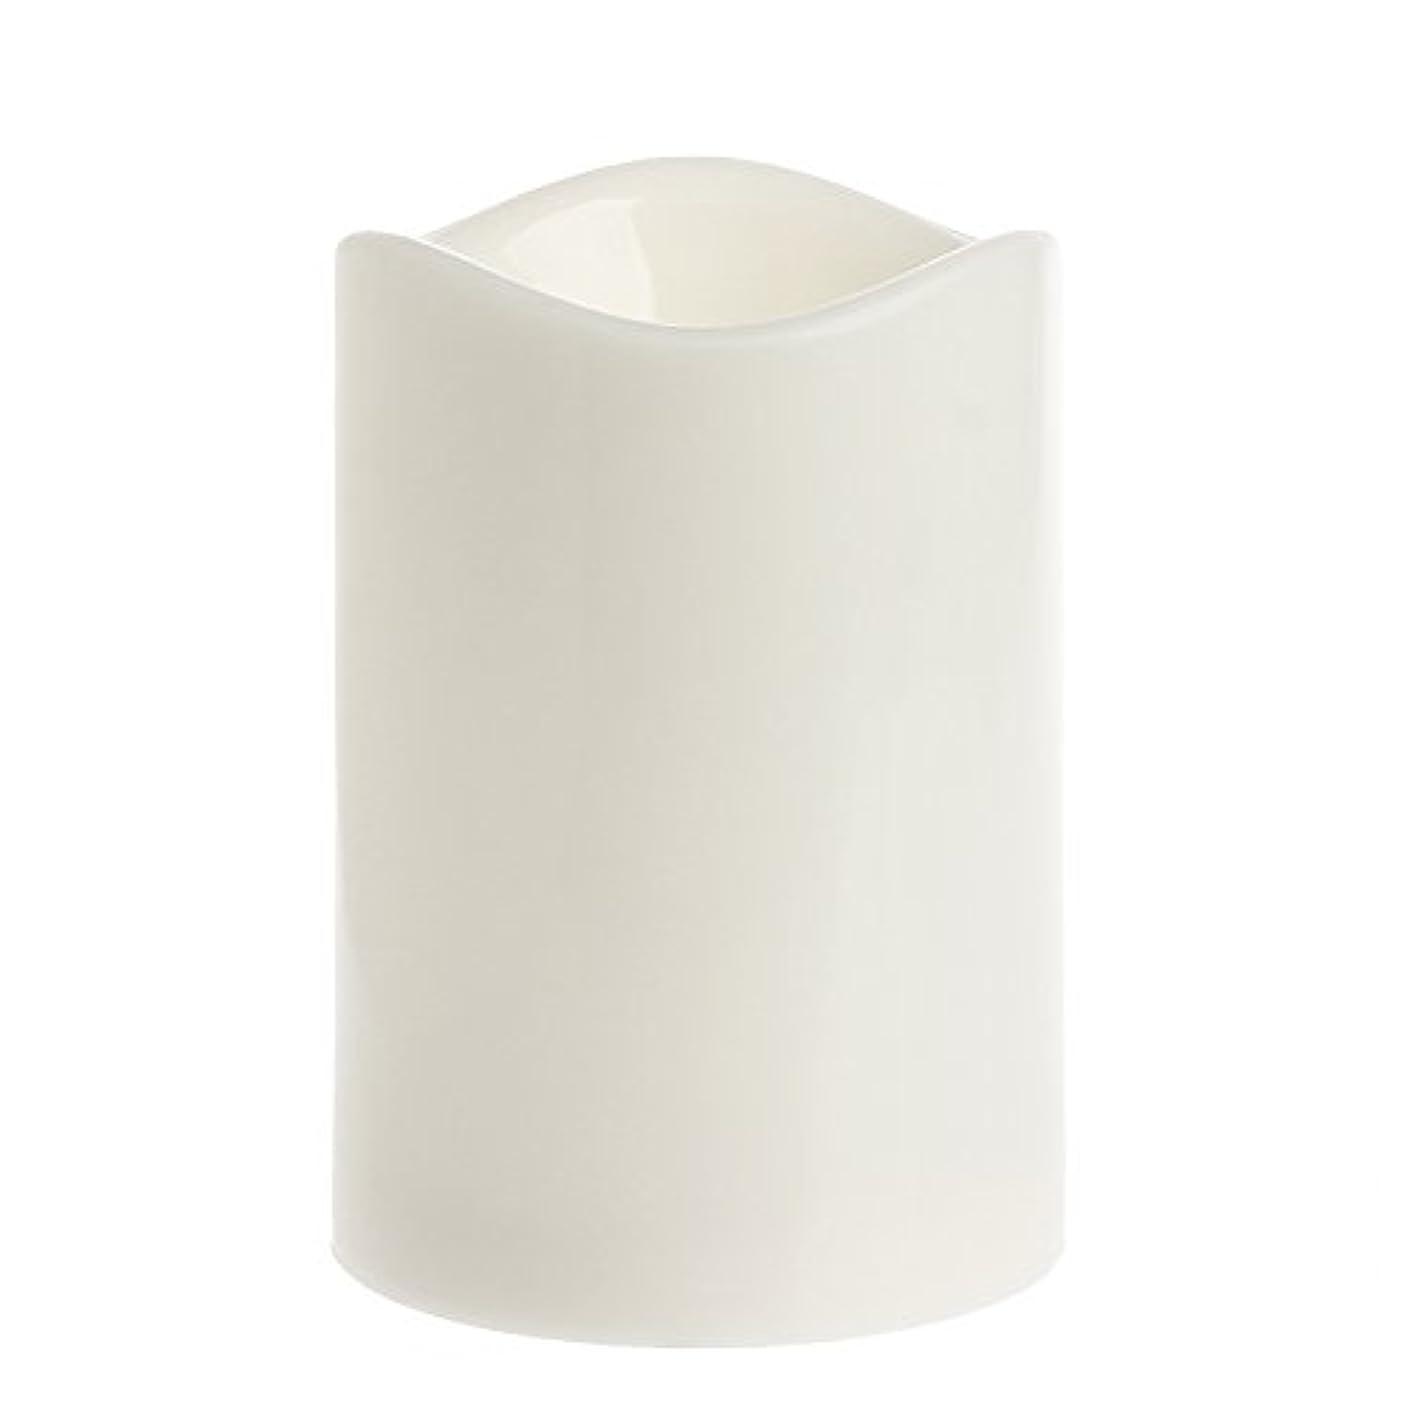 しっかりシーサイドナースSimpleLifeロマンチックFlameless LED電子キャンドルライトウェディング香りワックスホームインテリア